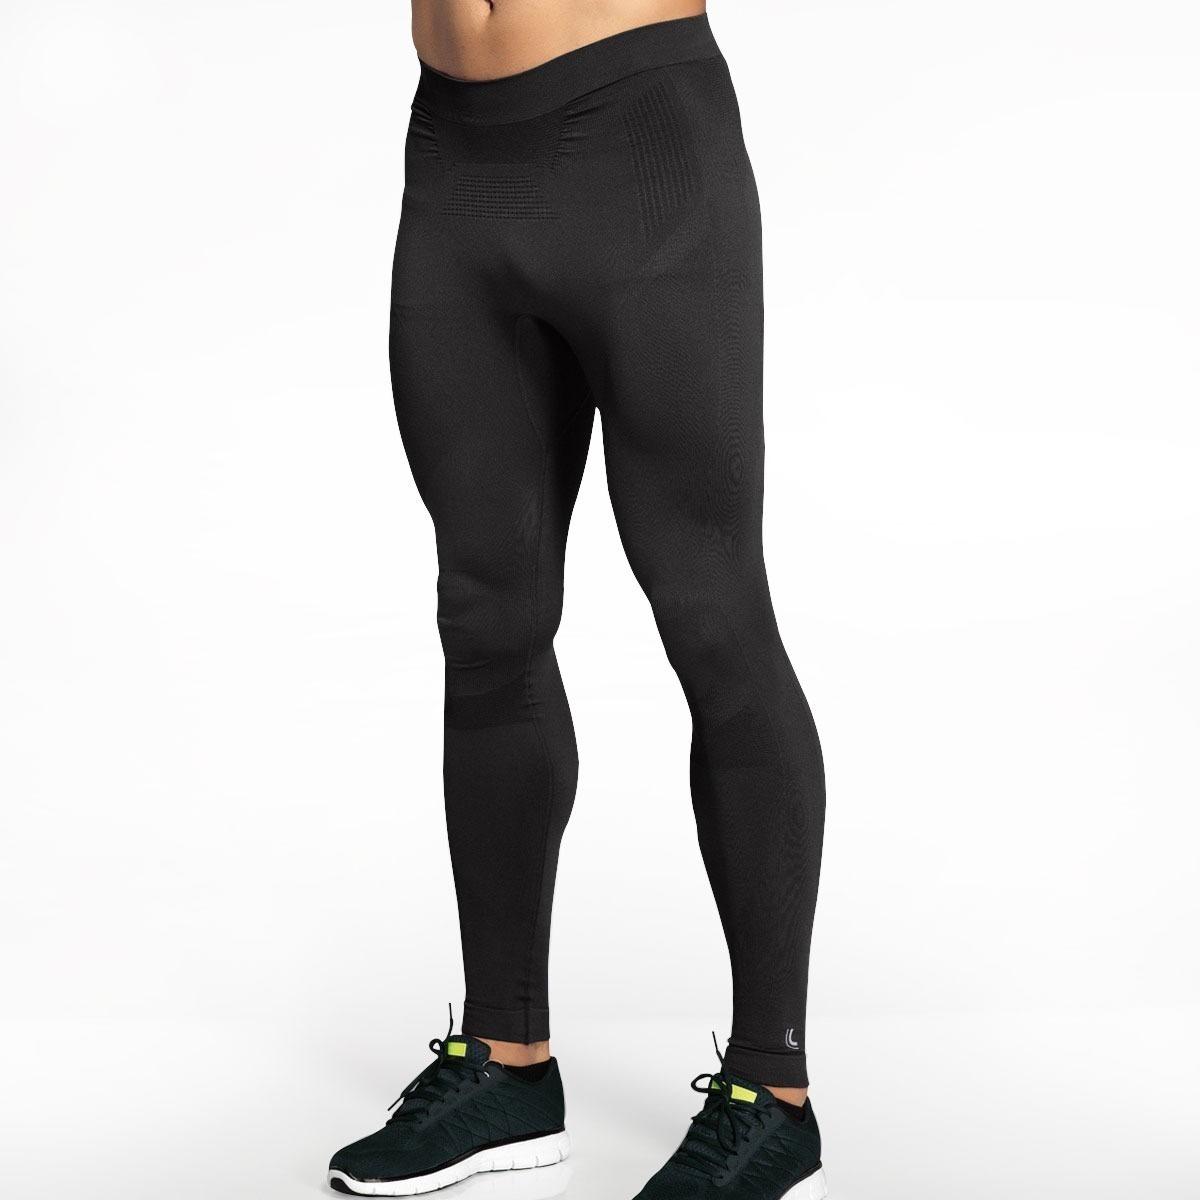 calça térmica compressão masculina sem costura - lupo 70601. Carregando  zoom. 67655dd2dd525